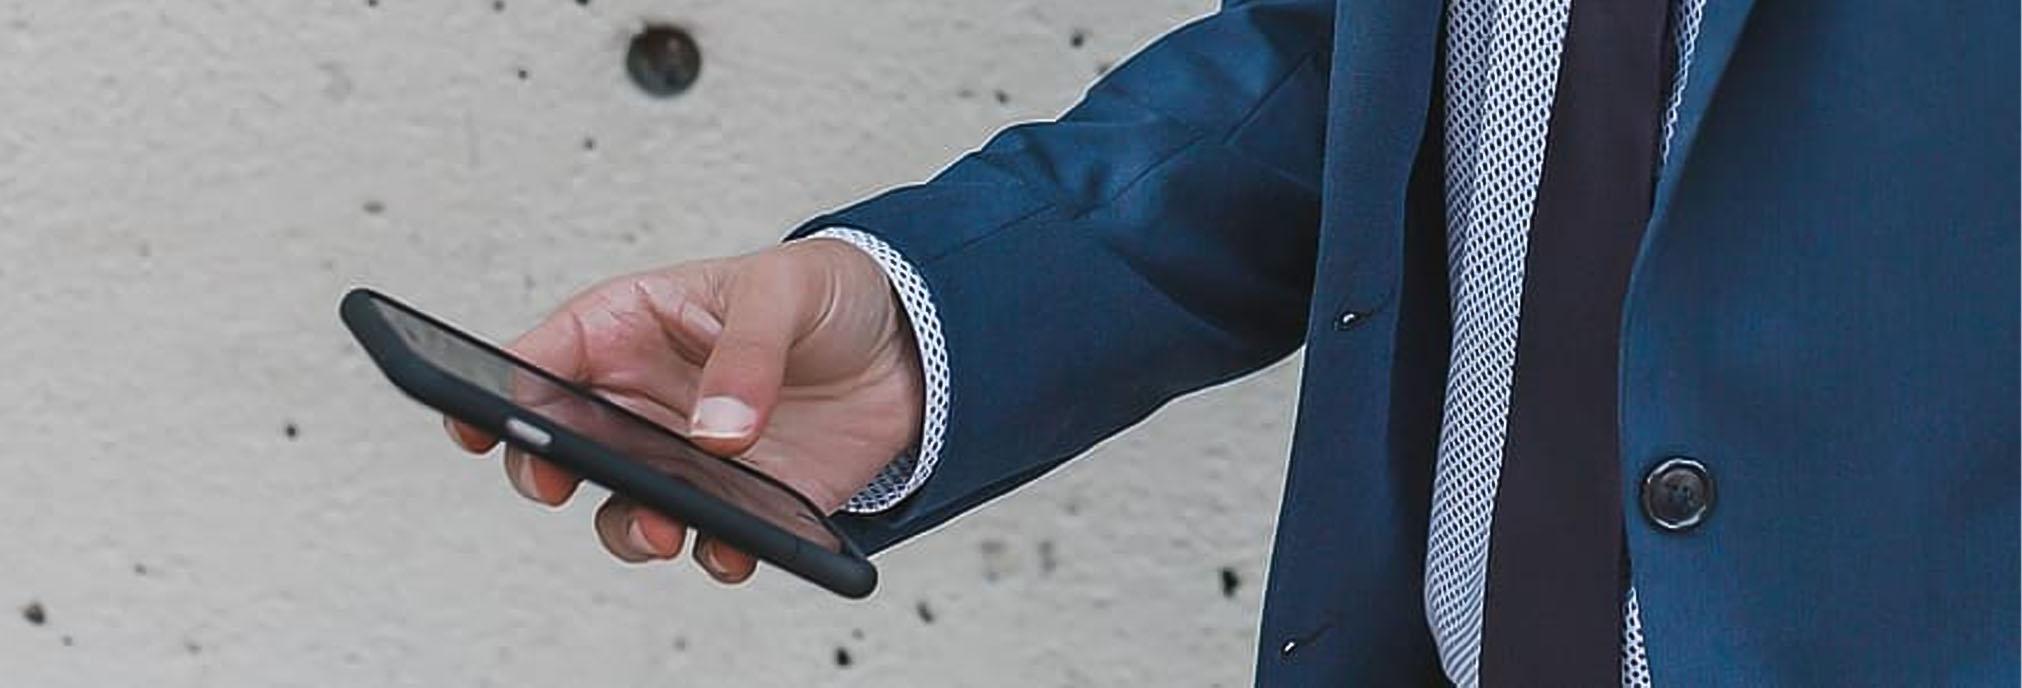 مدیریت انلاین تردد از طریق تلفن همراه